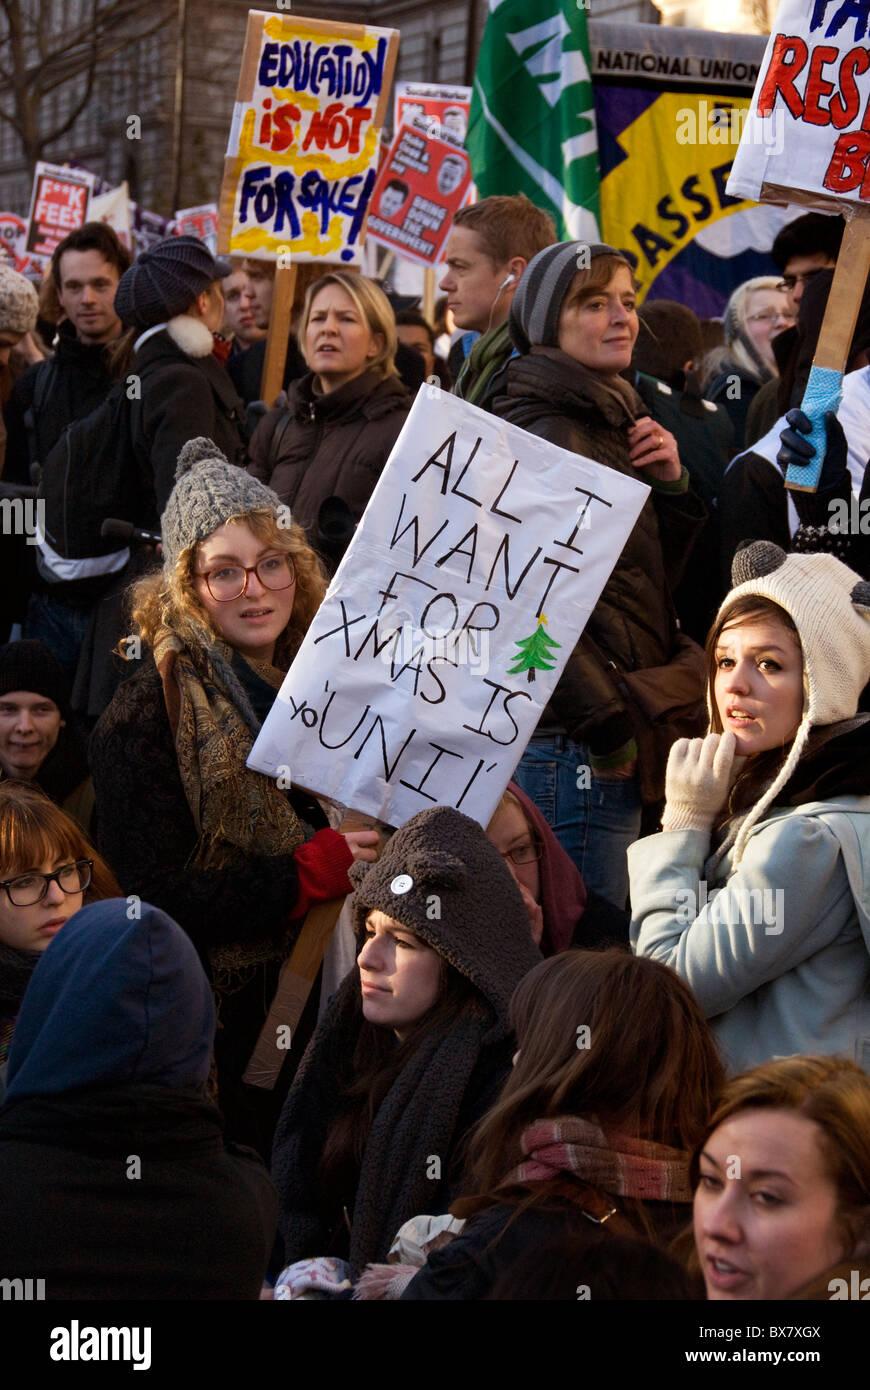 Studente manifestanti prendere su piazza del Parlamento protesta governo tagli istruzione Londra 9.12.10 Immagini Stock